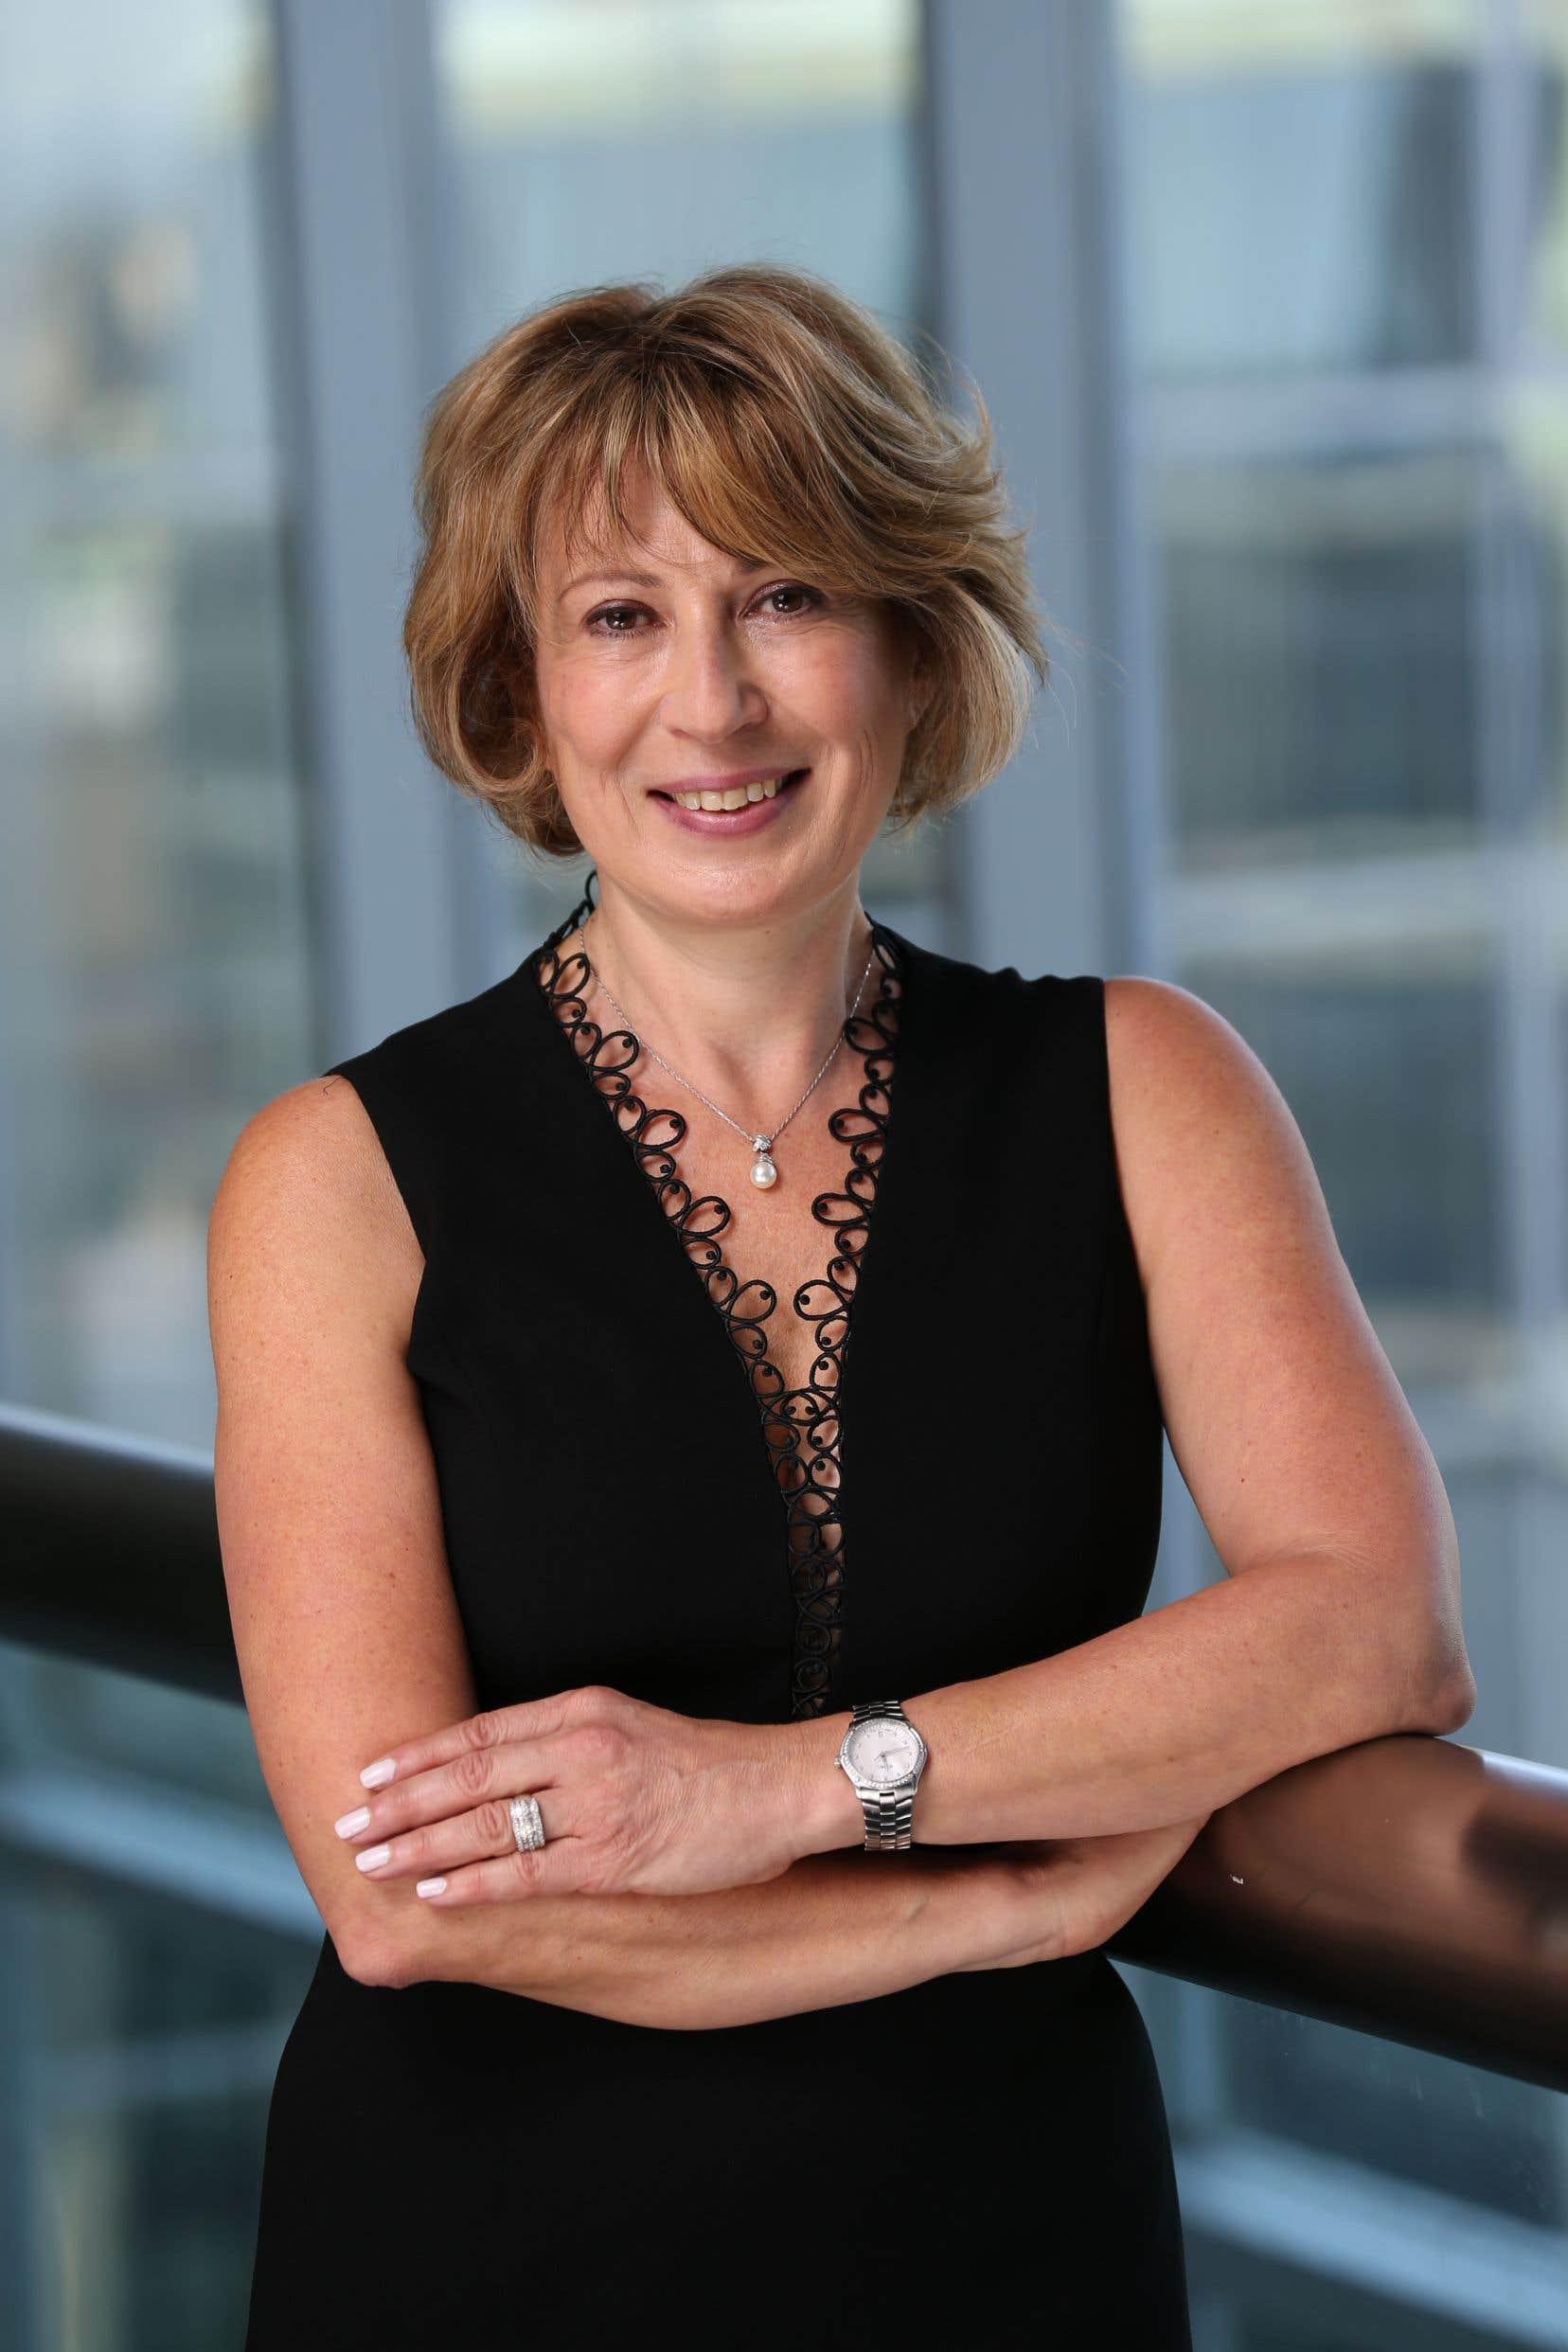 La conseillère scientifique en chef du Canada, Mona Nemer, estime qu'il y a «encore énormément de chemin à faire» pour encourager les femmes à étudier dans le domaine des sciences.